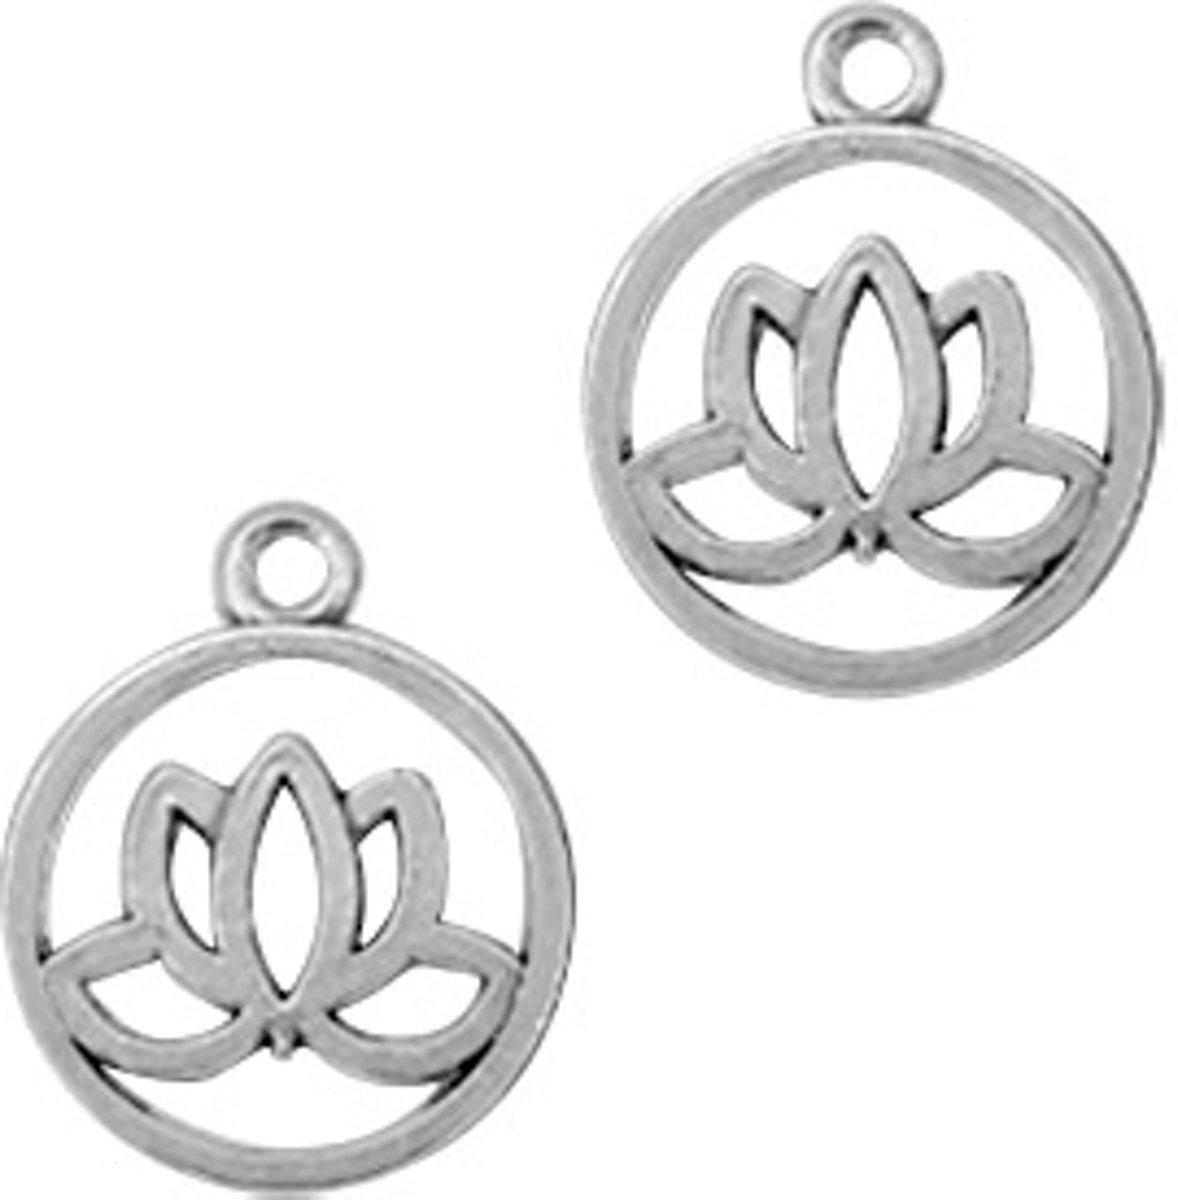 Metalen bedels lelie bloem Antiek zilver 18 stuks kopen